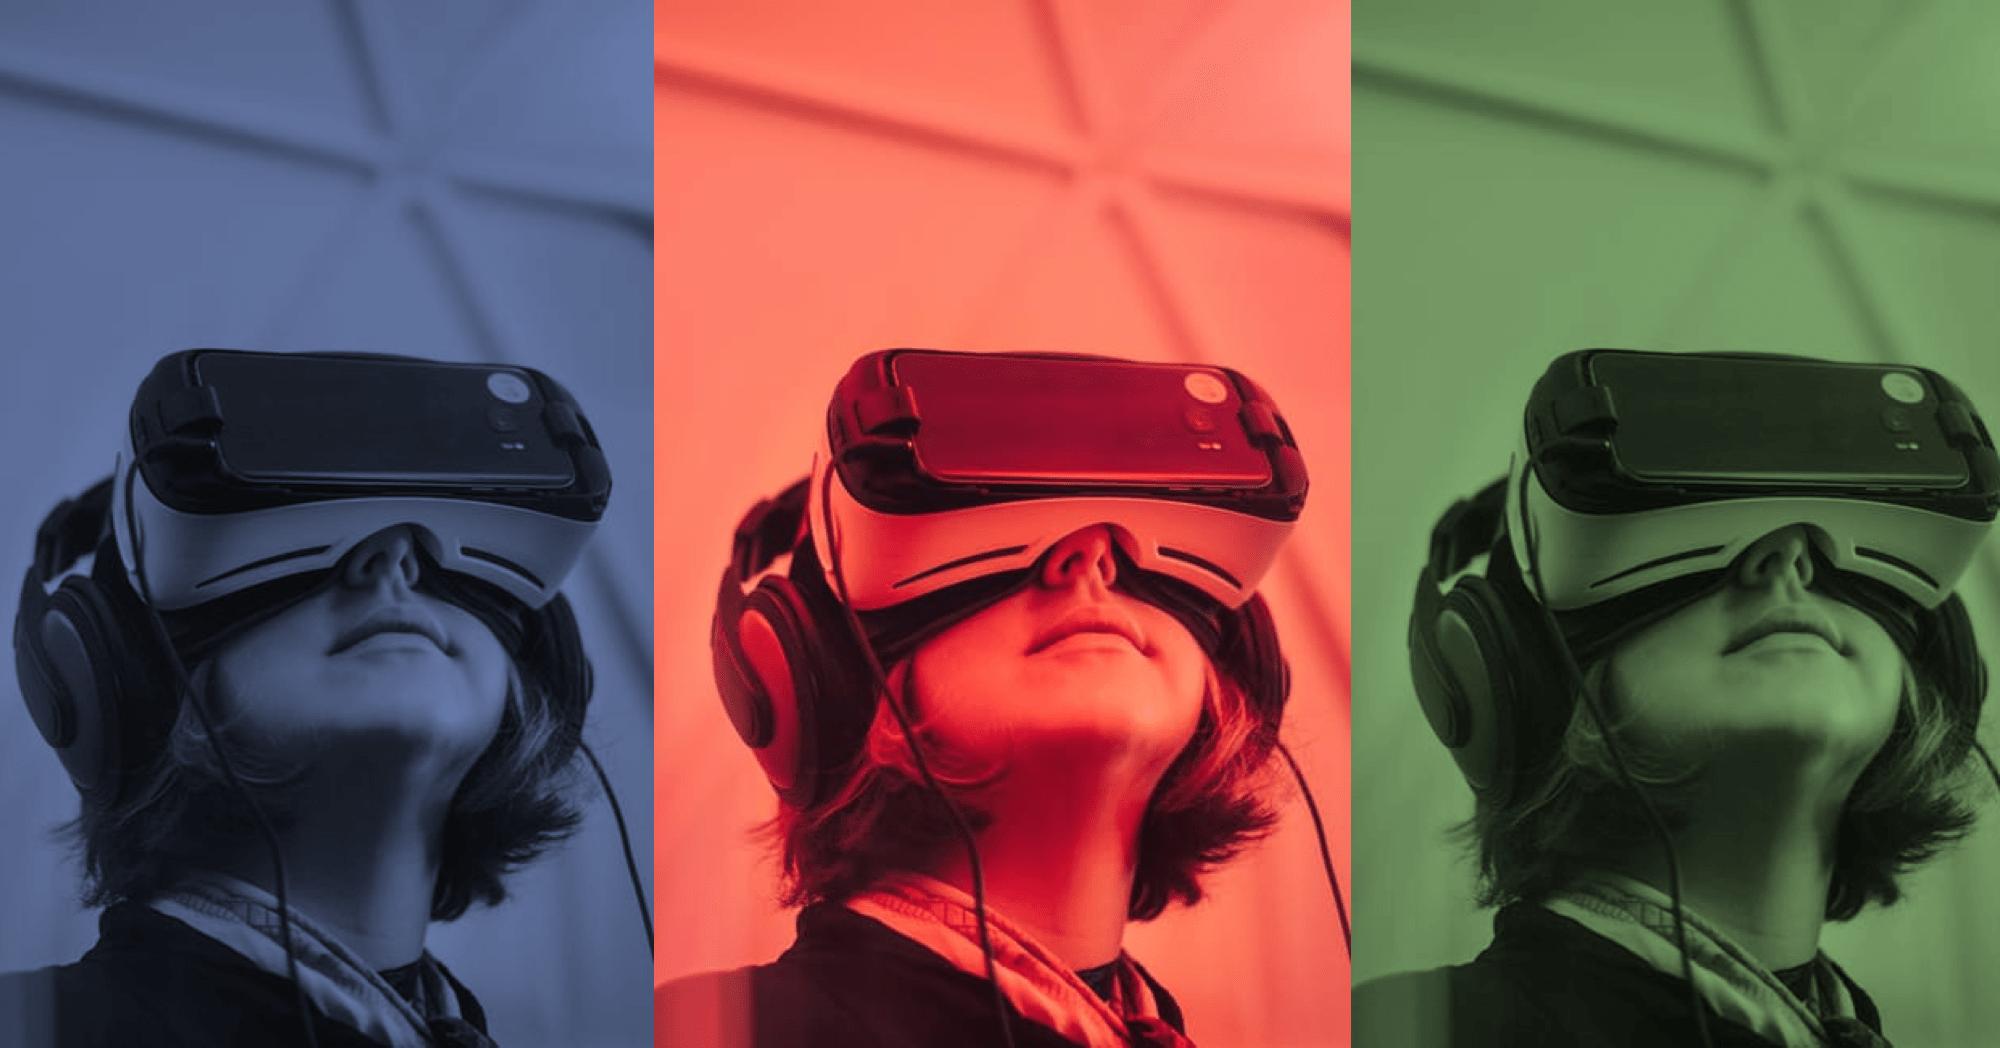 VR Image-min.png